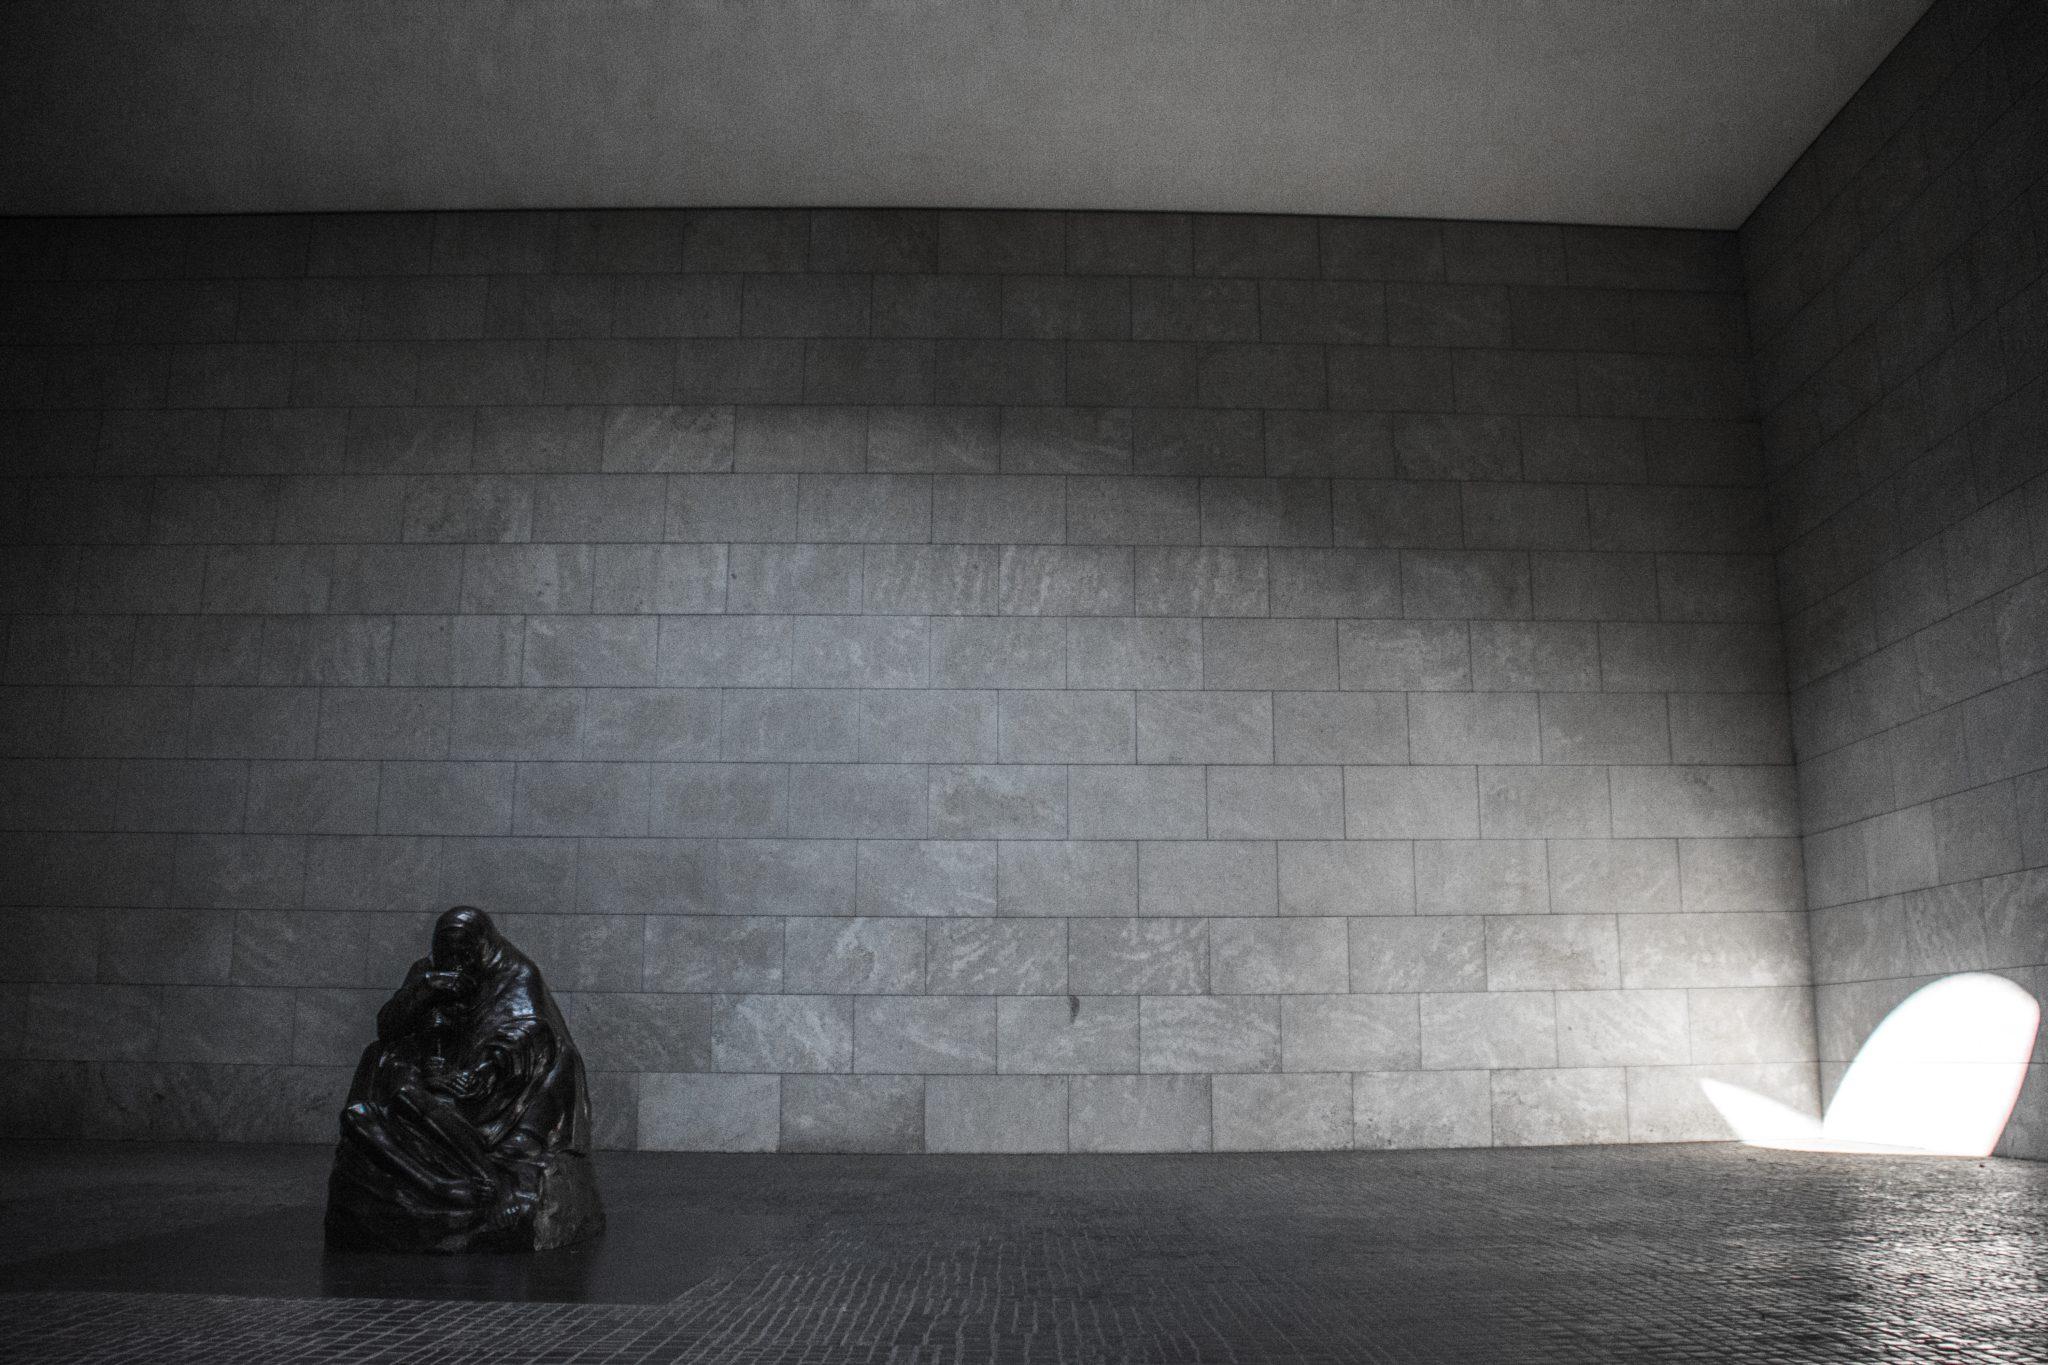 DIe neue Wache; prachtig monument aan de Unter den Linden.